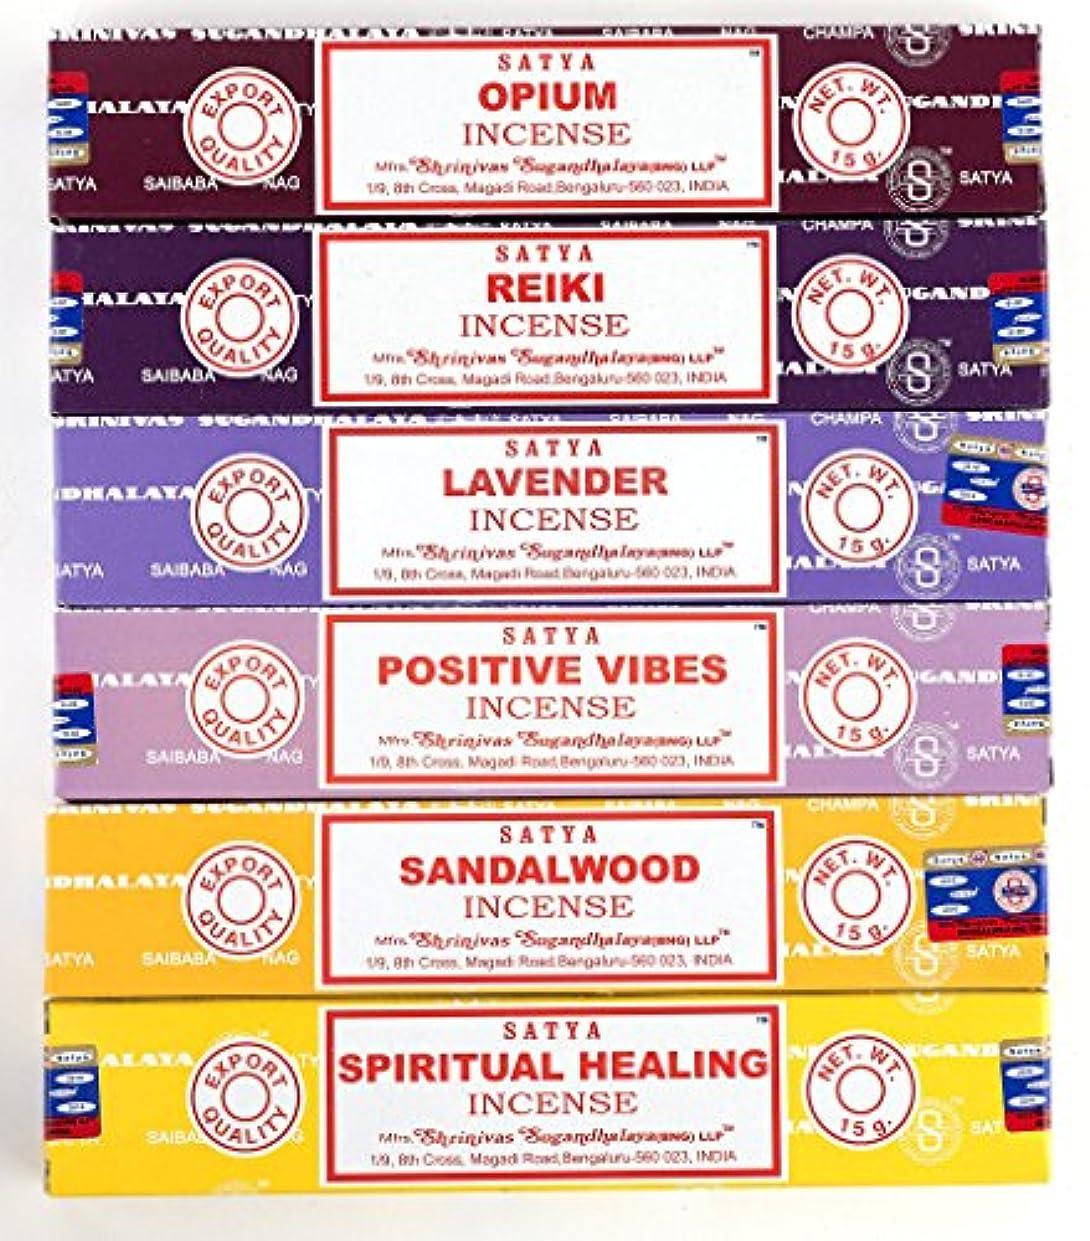 引用かごひどくNag Champa 6 Piece Variety Pack – Opium、レイキ、ラベンダー、Positive Vibes、サンダルウッド、Spiritual Healing